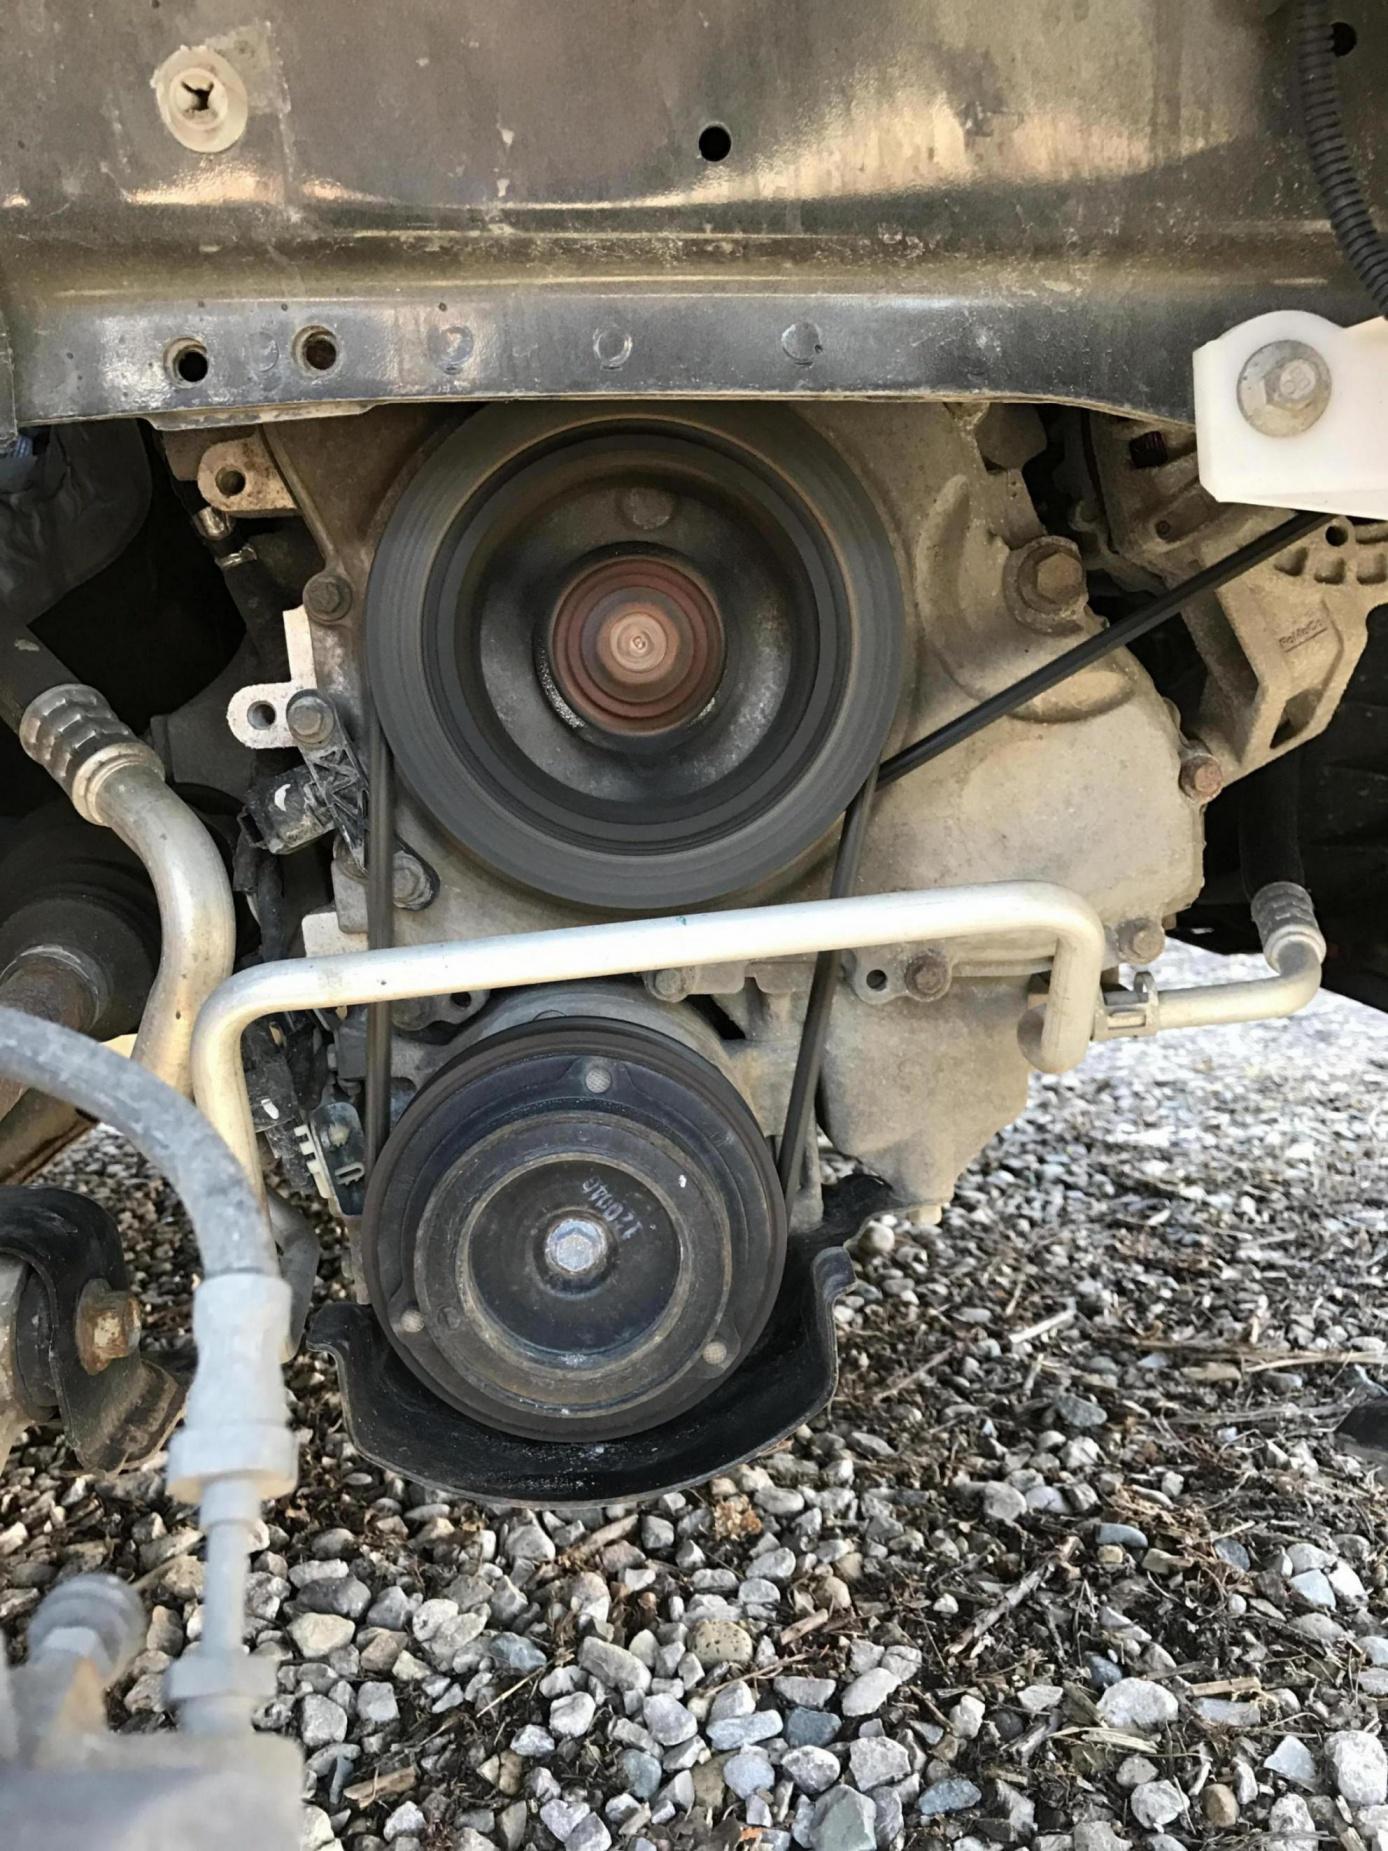 2014 Focus 2 0l Passenger Side Engine Noise